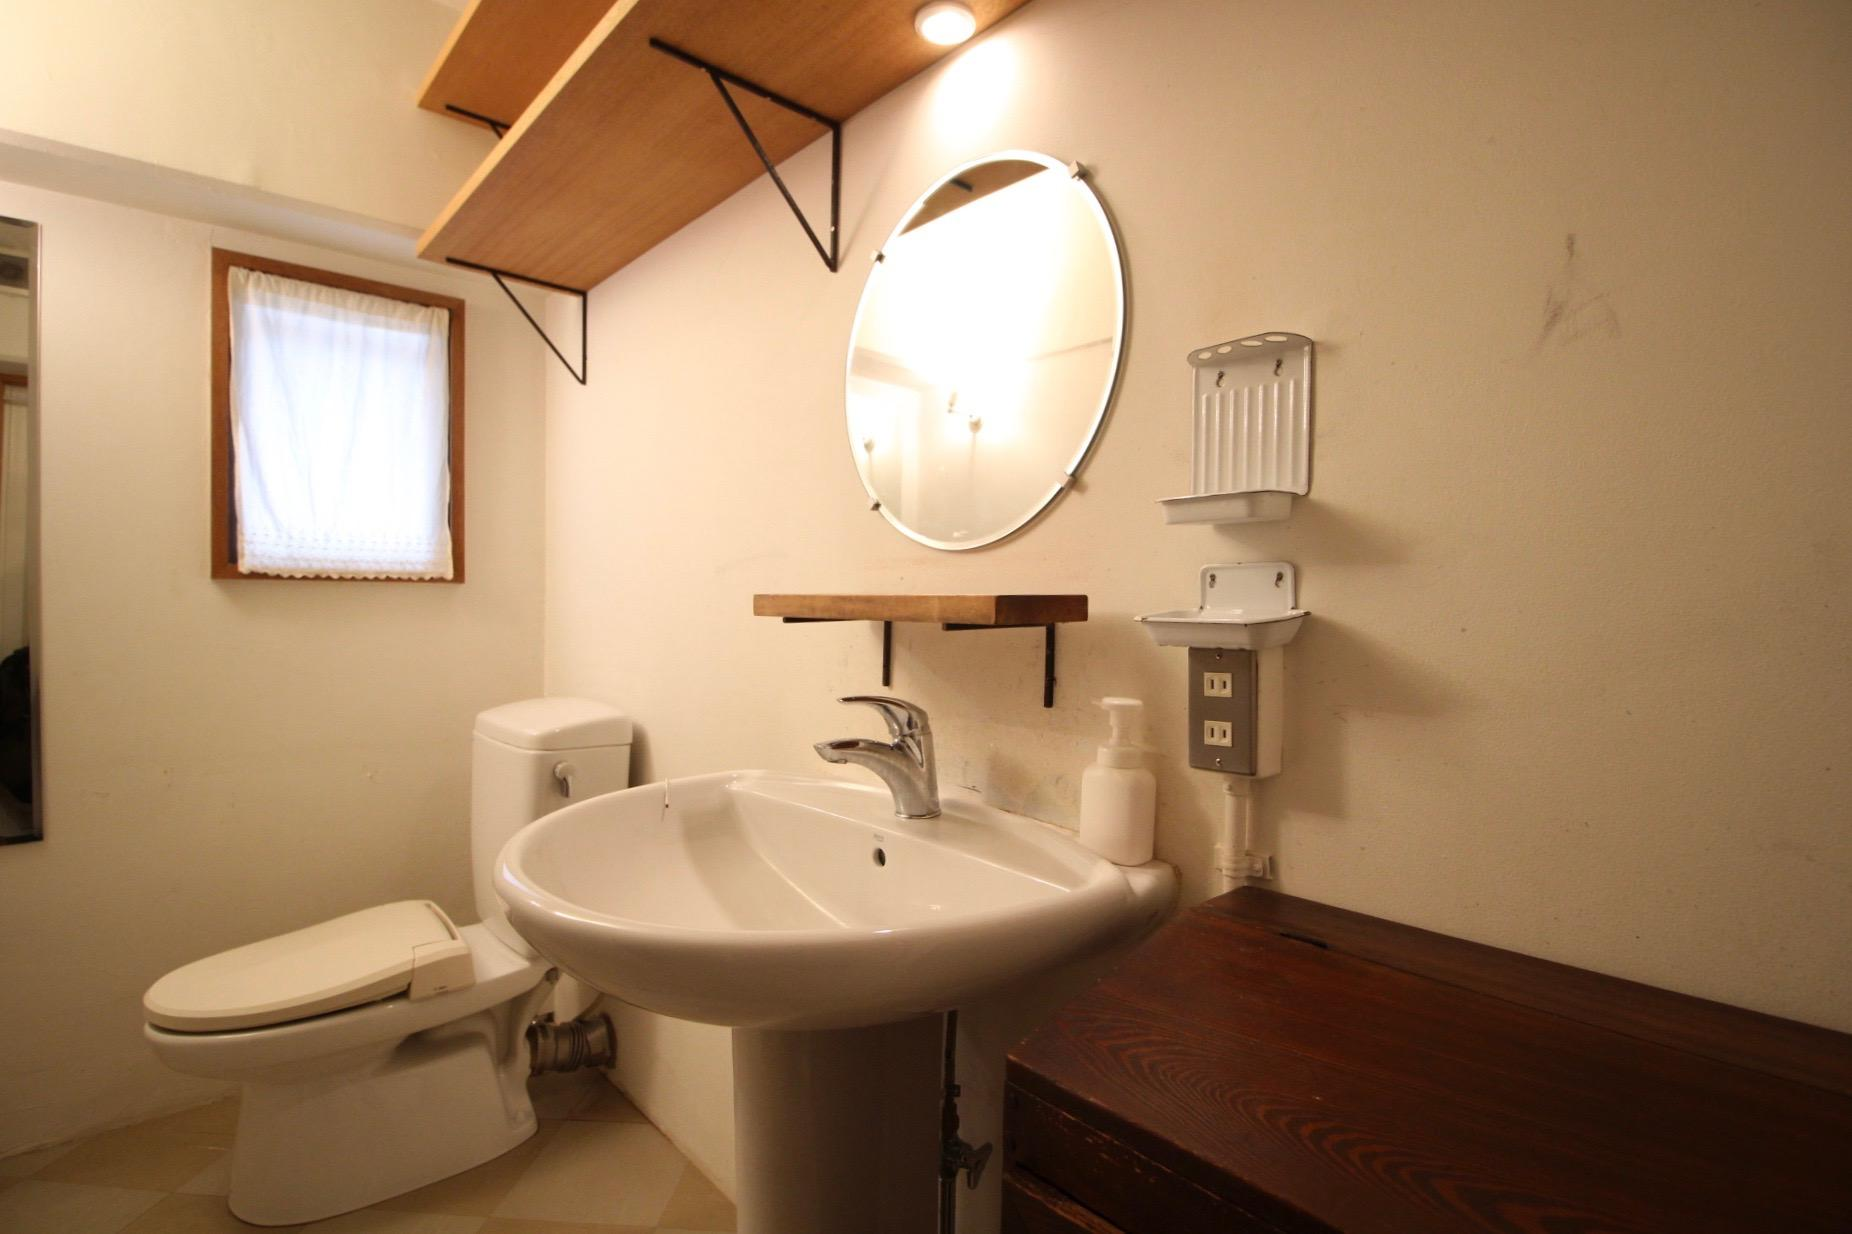 アンティーク家具が似合う洗面台・トイレ